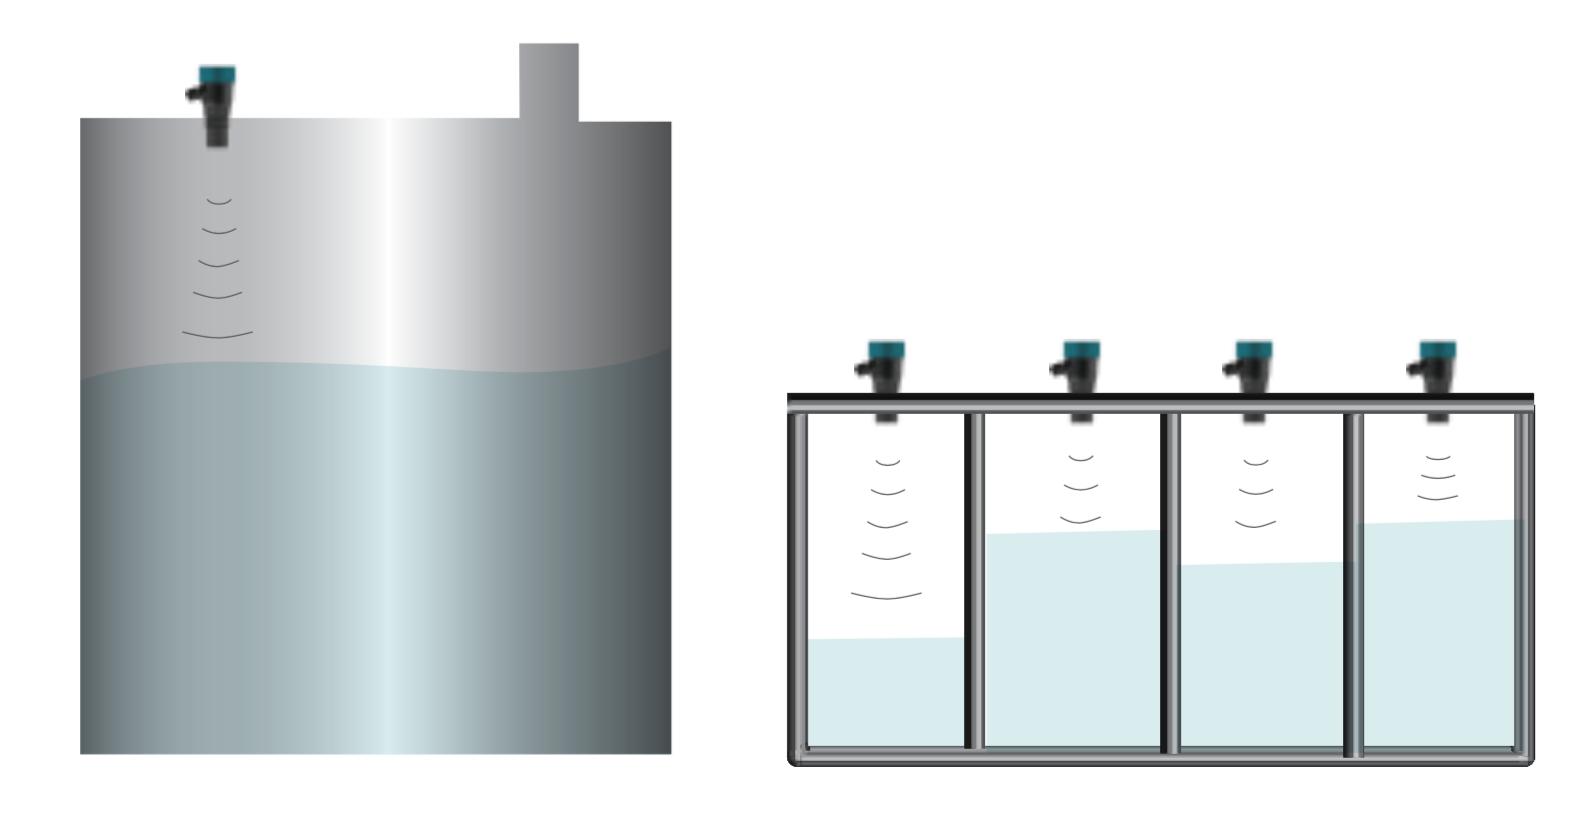 Giám sát mực chất lỏng dùng siêu âm